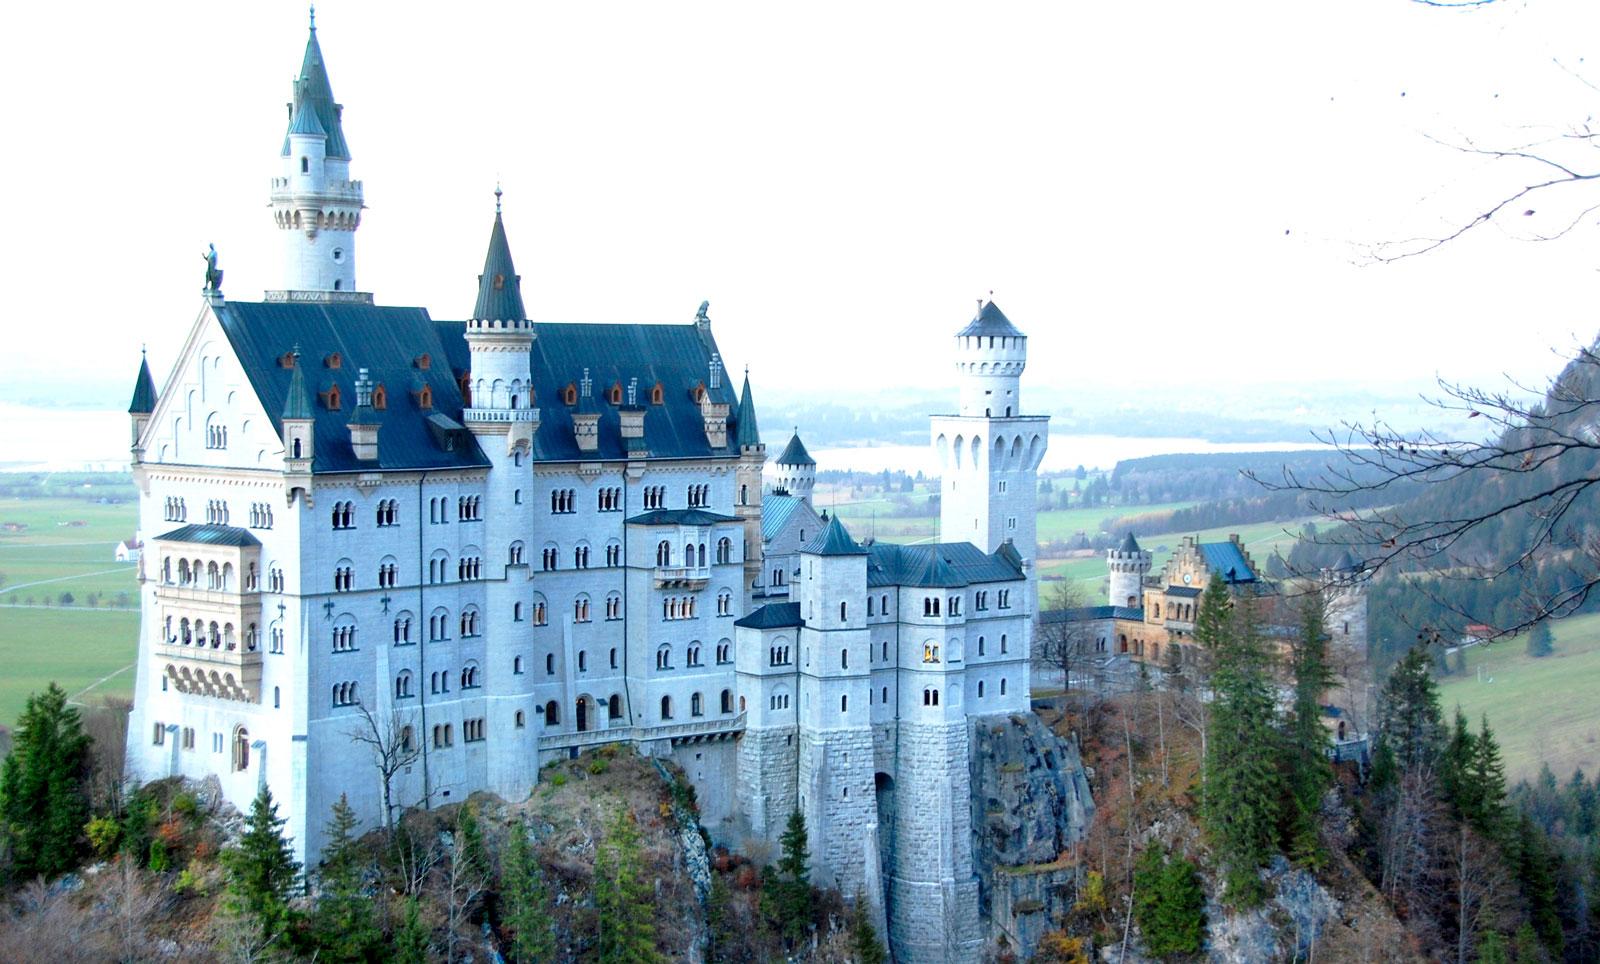 Neuschwanstein i södra Tyskland är ett populärt resmål.